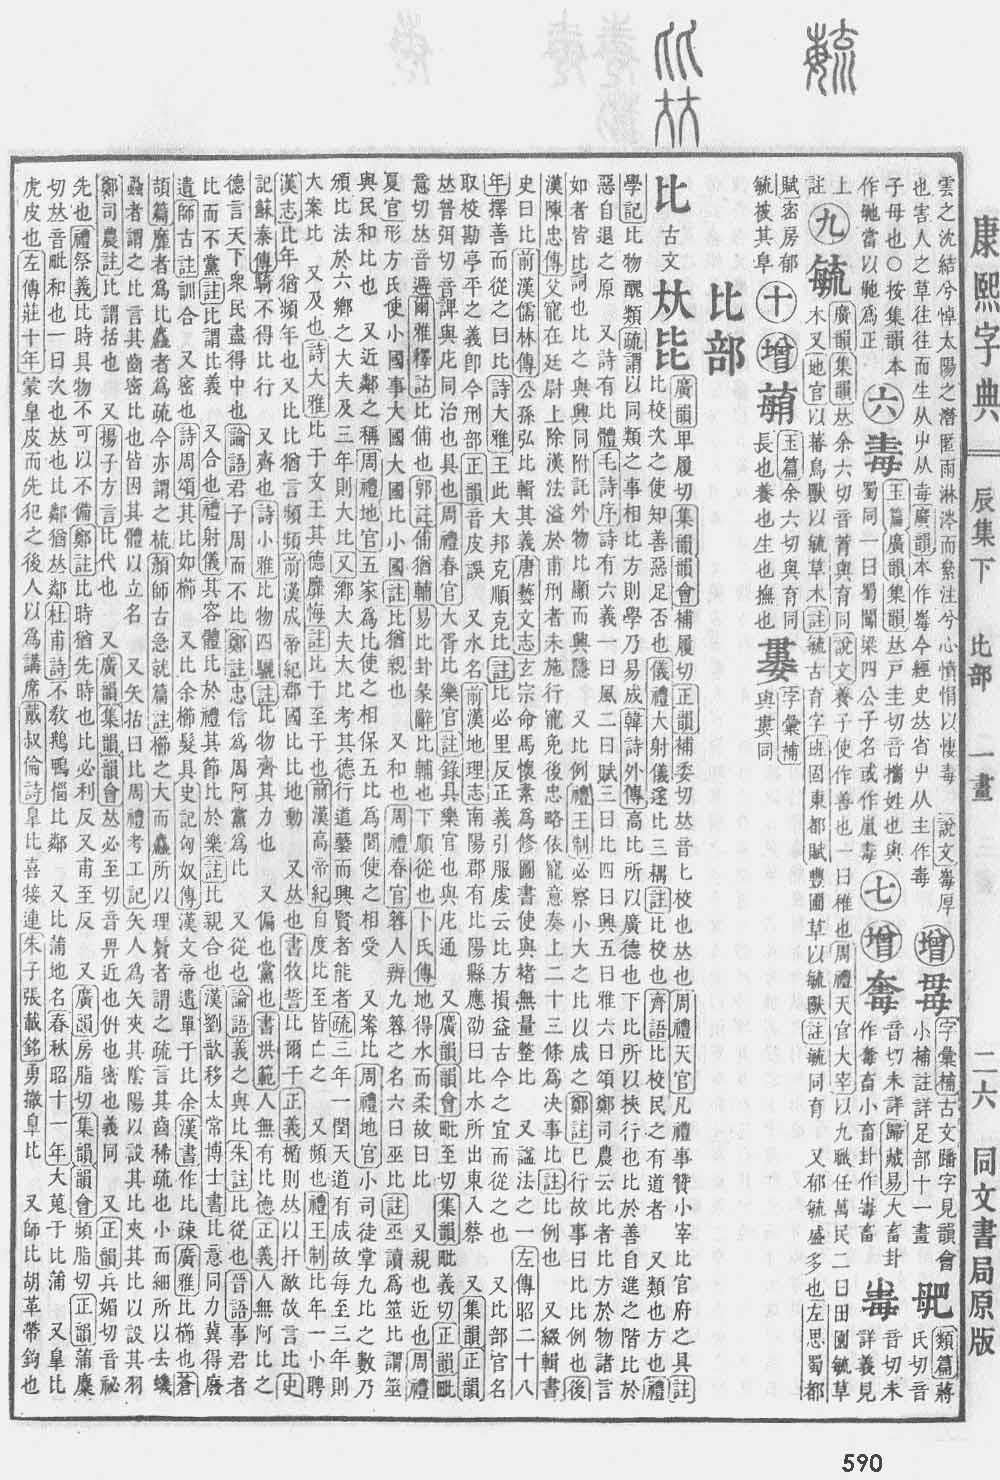 《康熙字典》第590页